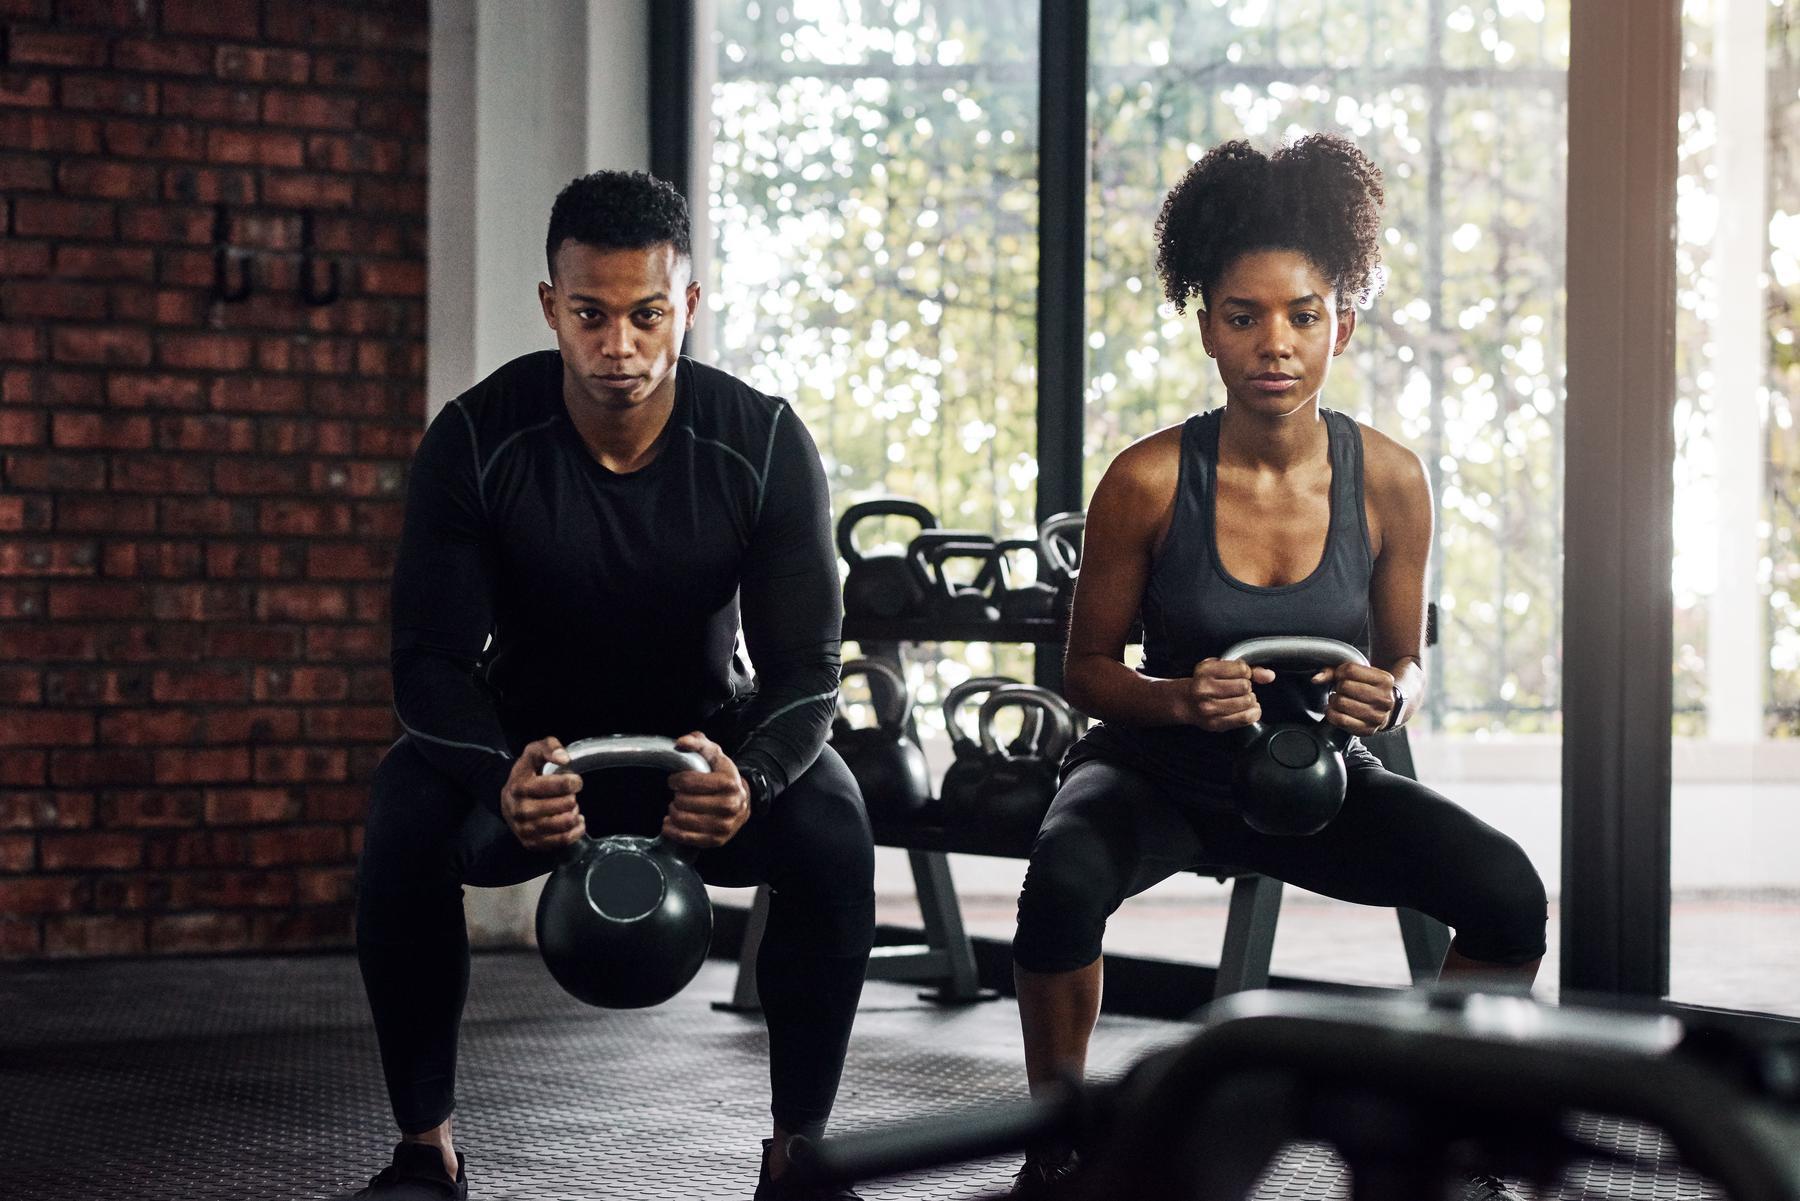 Měli by muži a ženy trénovat jinak?